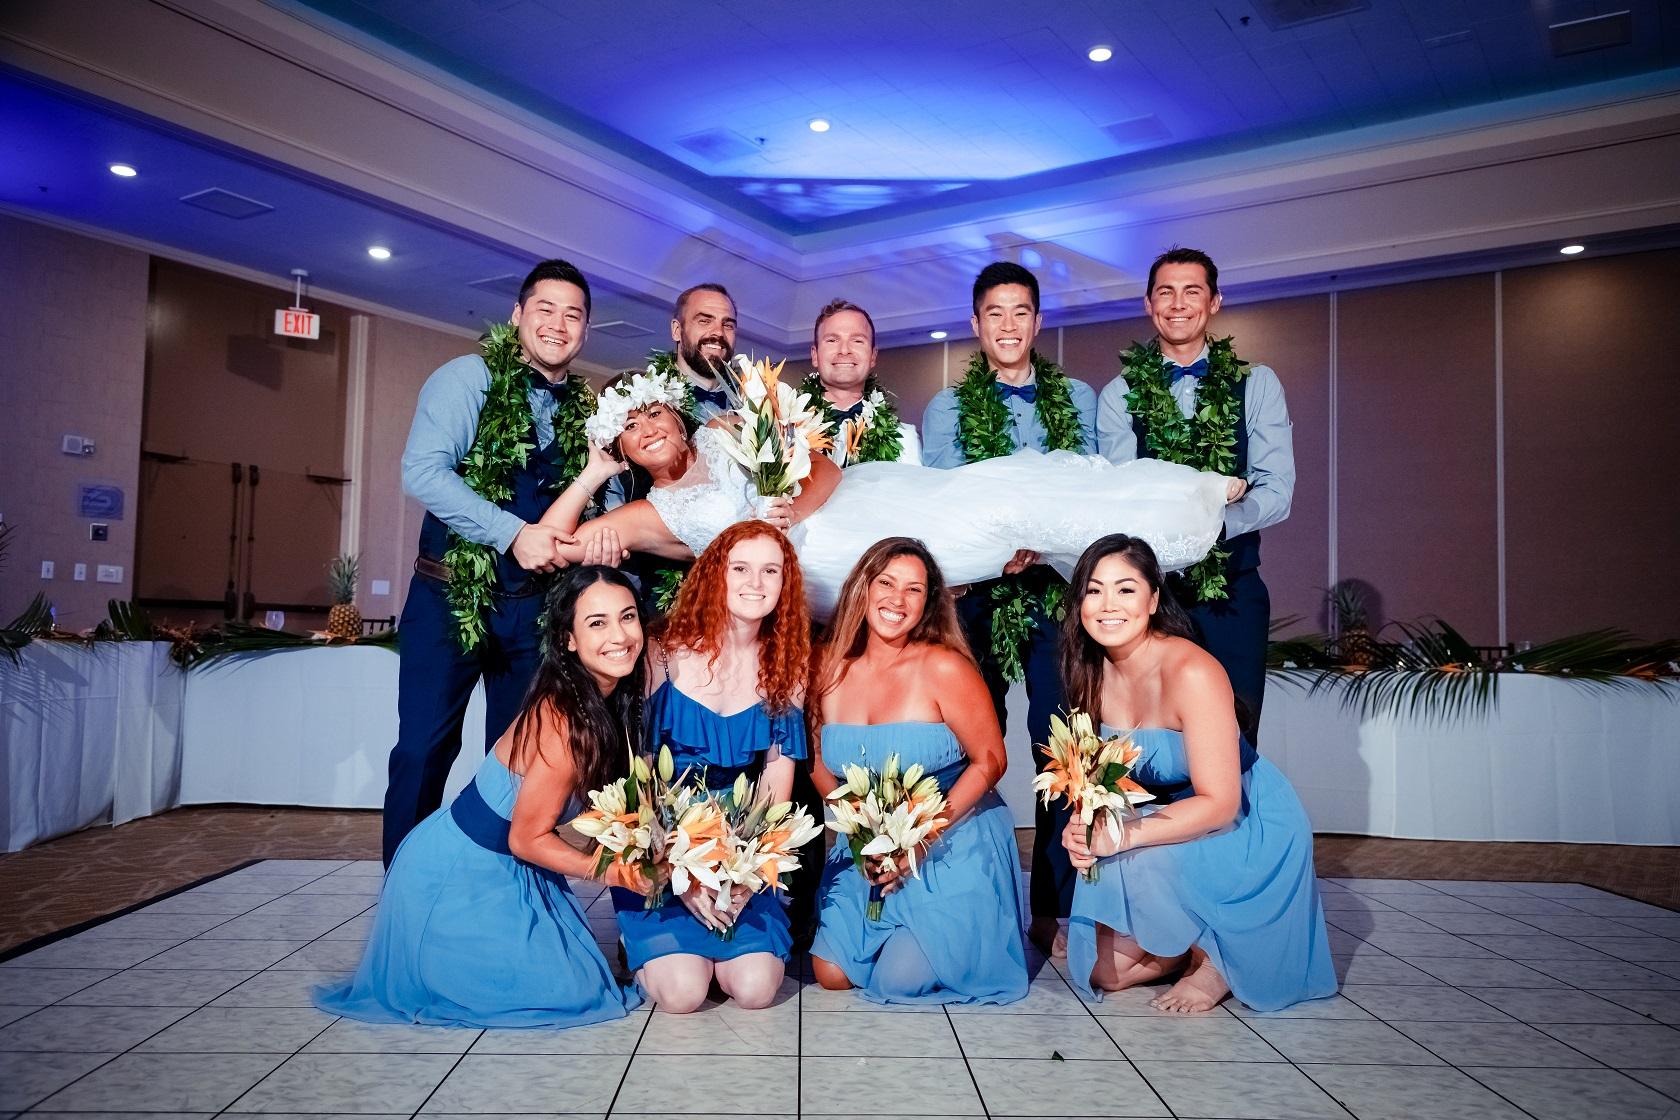 turtle bay oahu hawaii wedding reception party photos bride groom